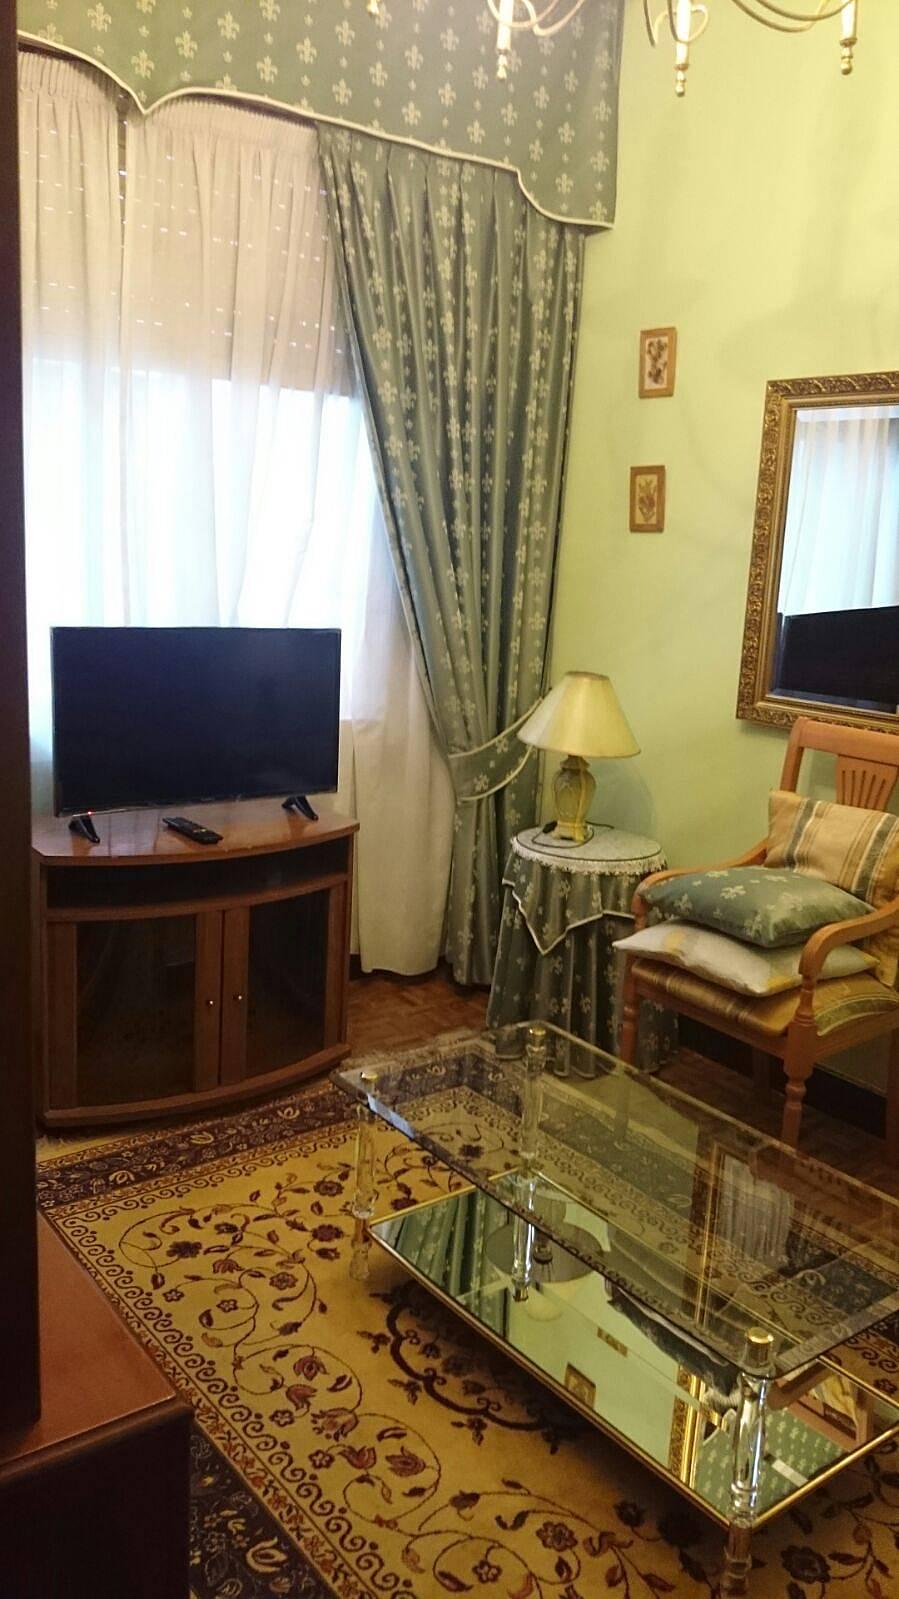 Alquiler vacaciones, apartamentos y casas rurales en A Coruña - A ...